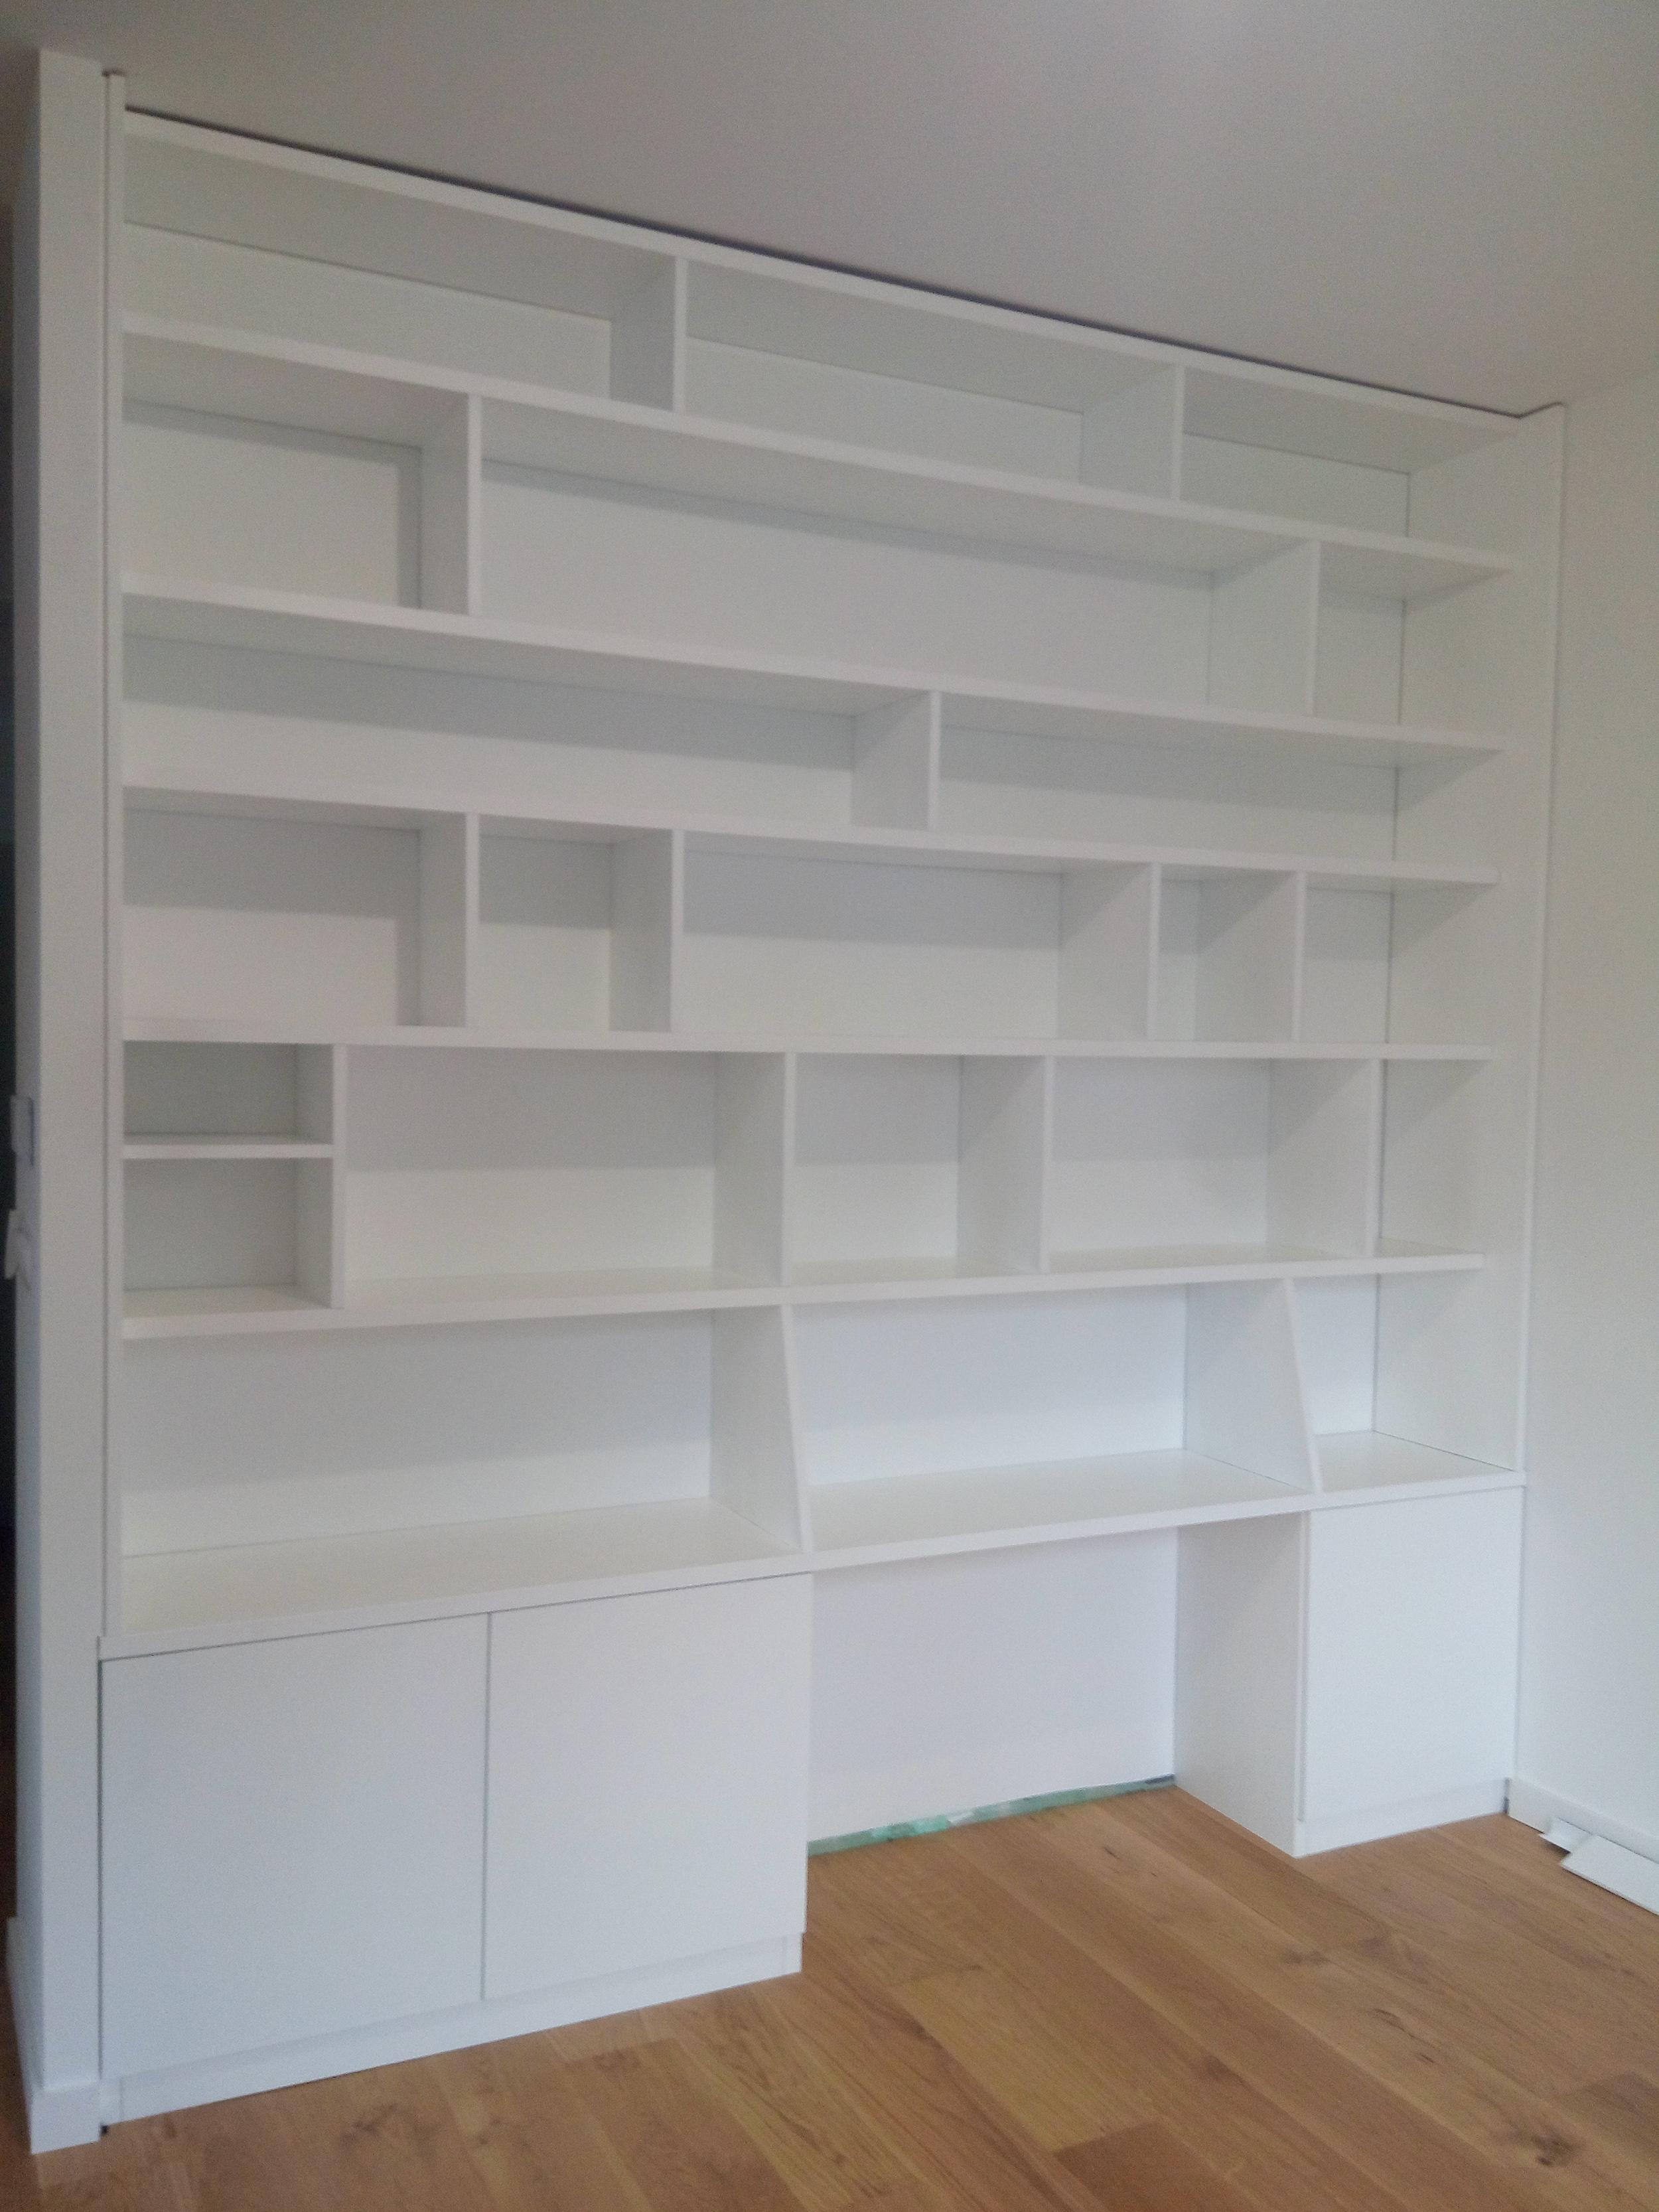 Bibliothèque sur-mesure. MDF laqué blanc. 3 portes. Dimensions: hauteur 2,8m / Largeur 2,7 m / Prof 40 cm